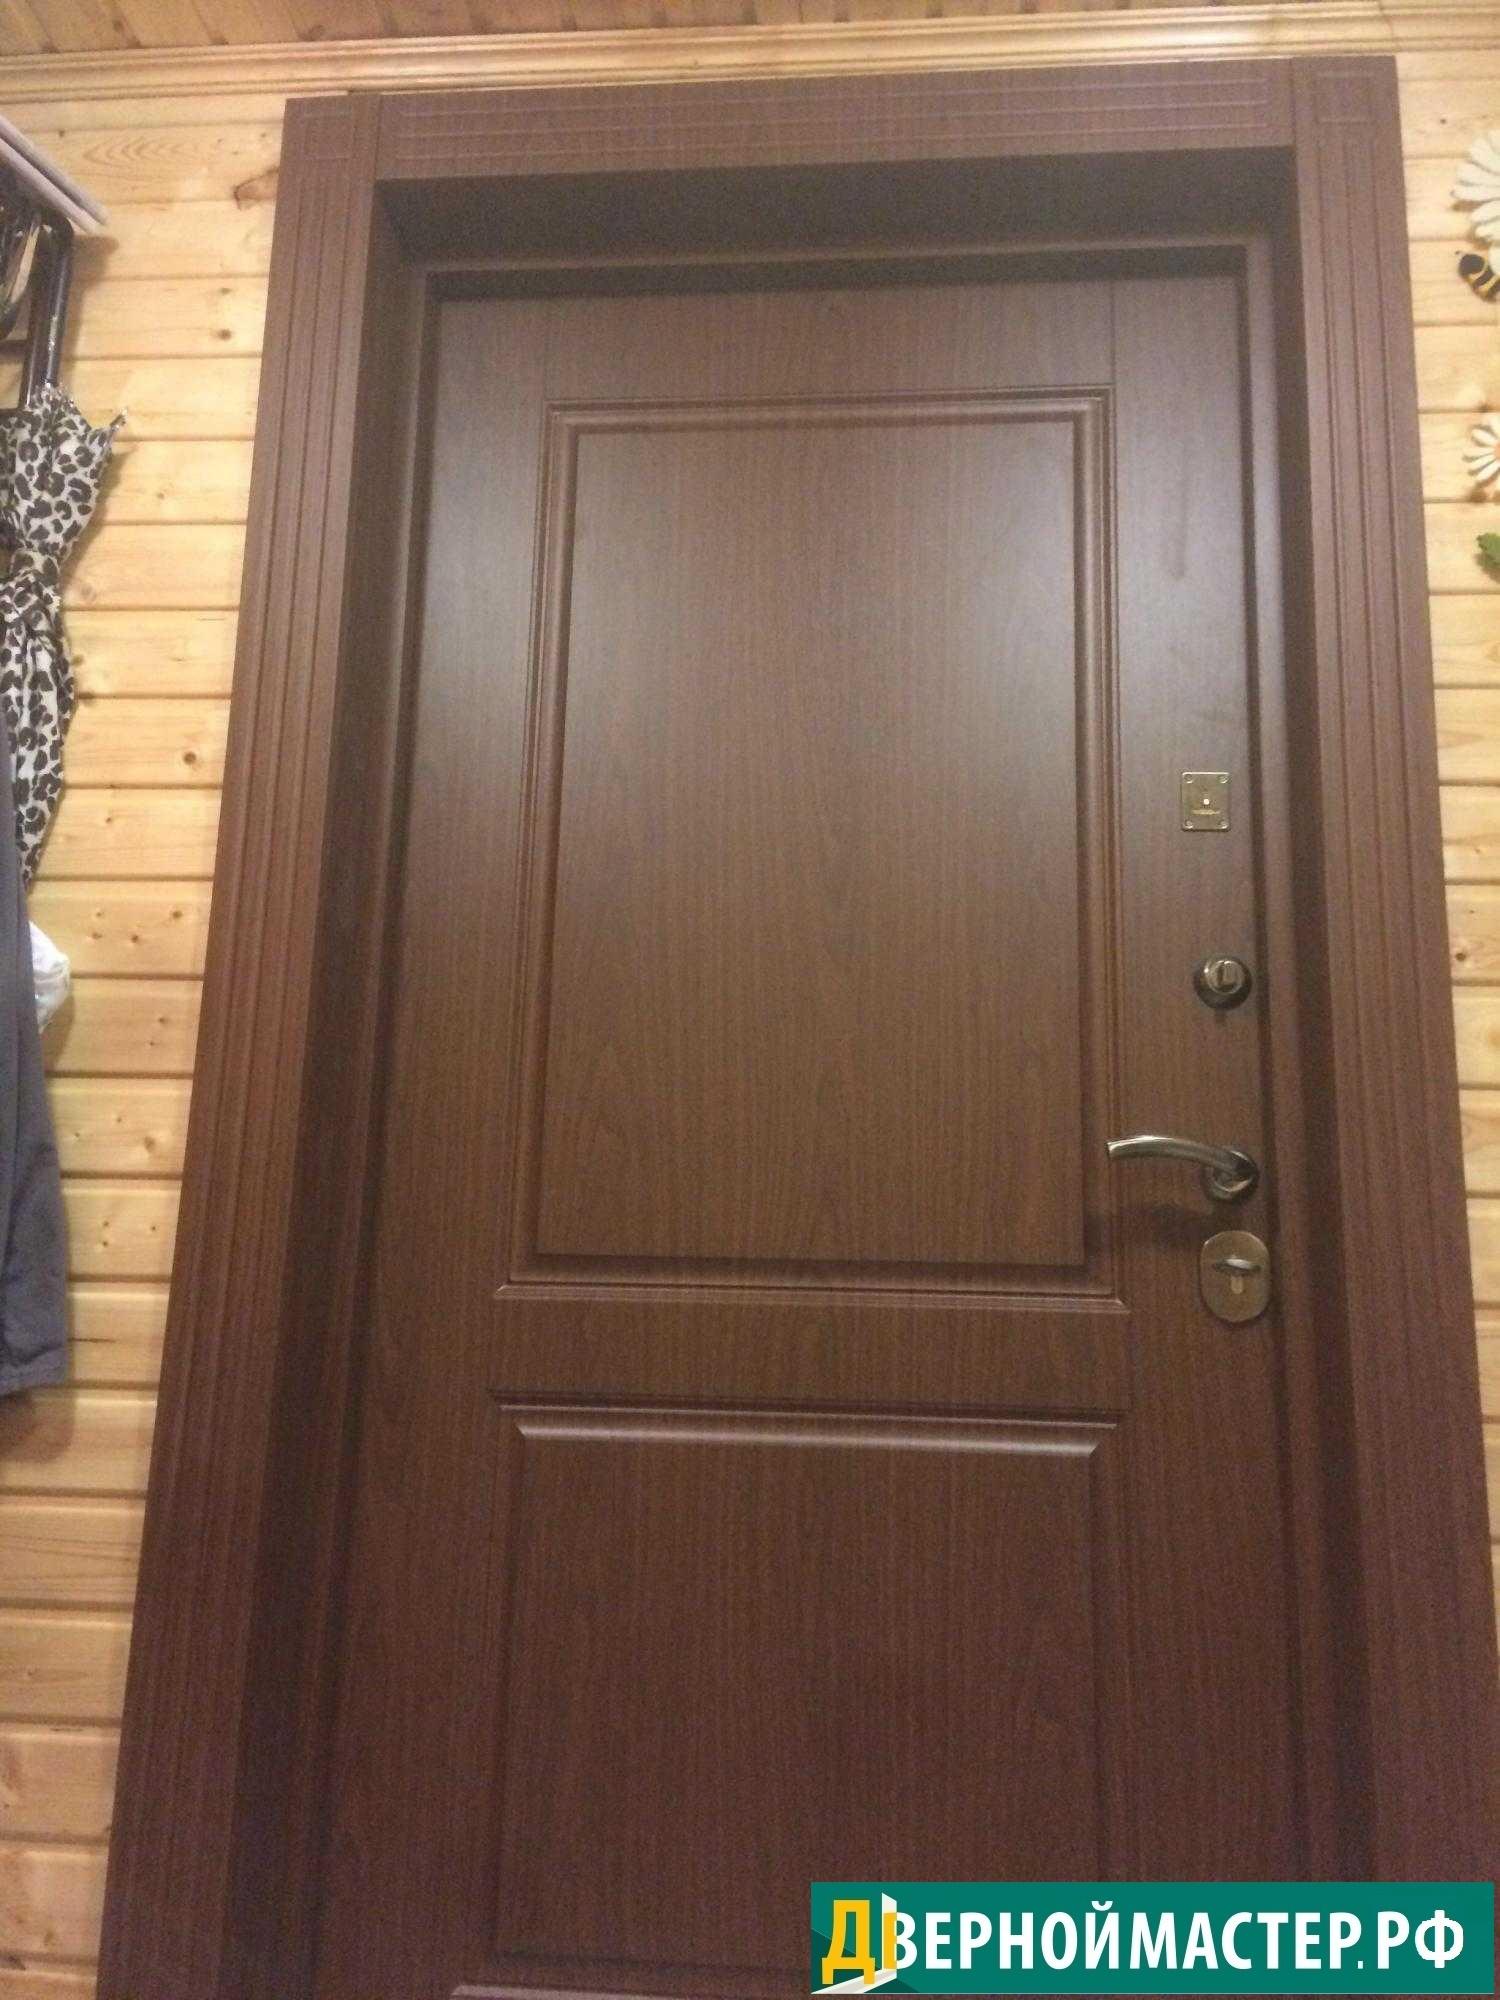 Купили с установкой металлическую дверь входную для квартиры с внутренними доборами